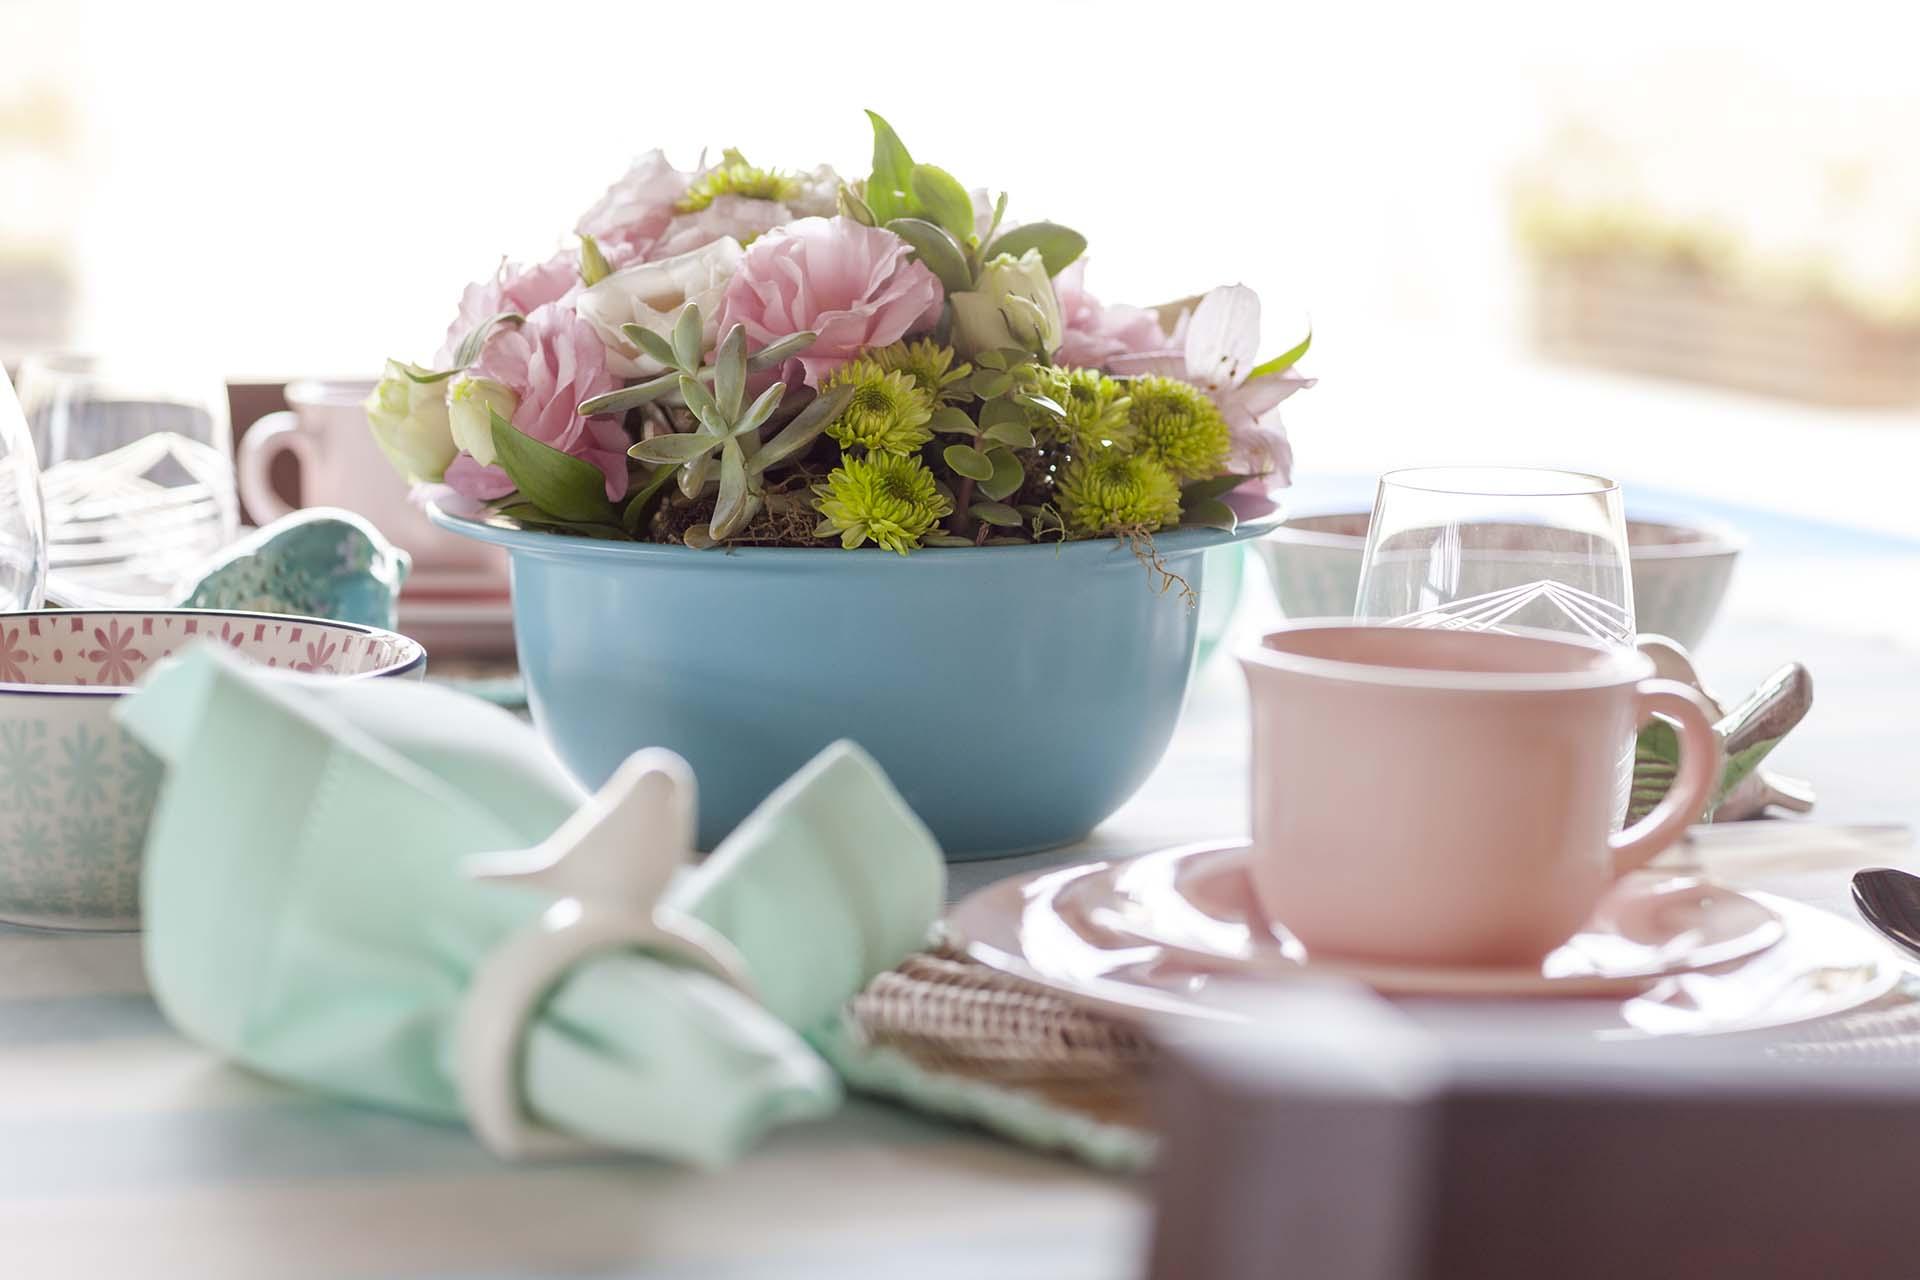 Imagem: A maior descontração desta mesa é o uso da panela azul de cerâmica da Oxford Cookware como vaso. A composição com as flores deixa tudo mais charmoso. Foto: Raphael Günther/Bespoke Content.